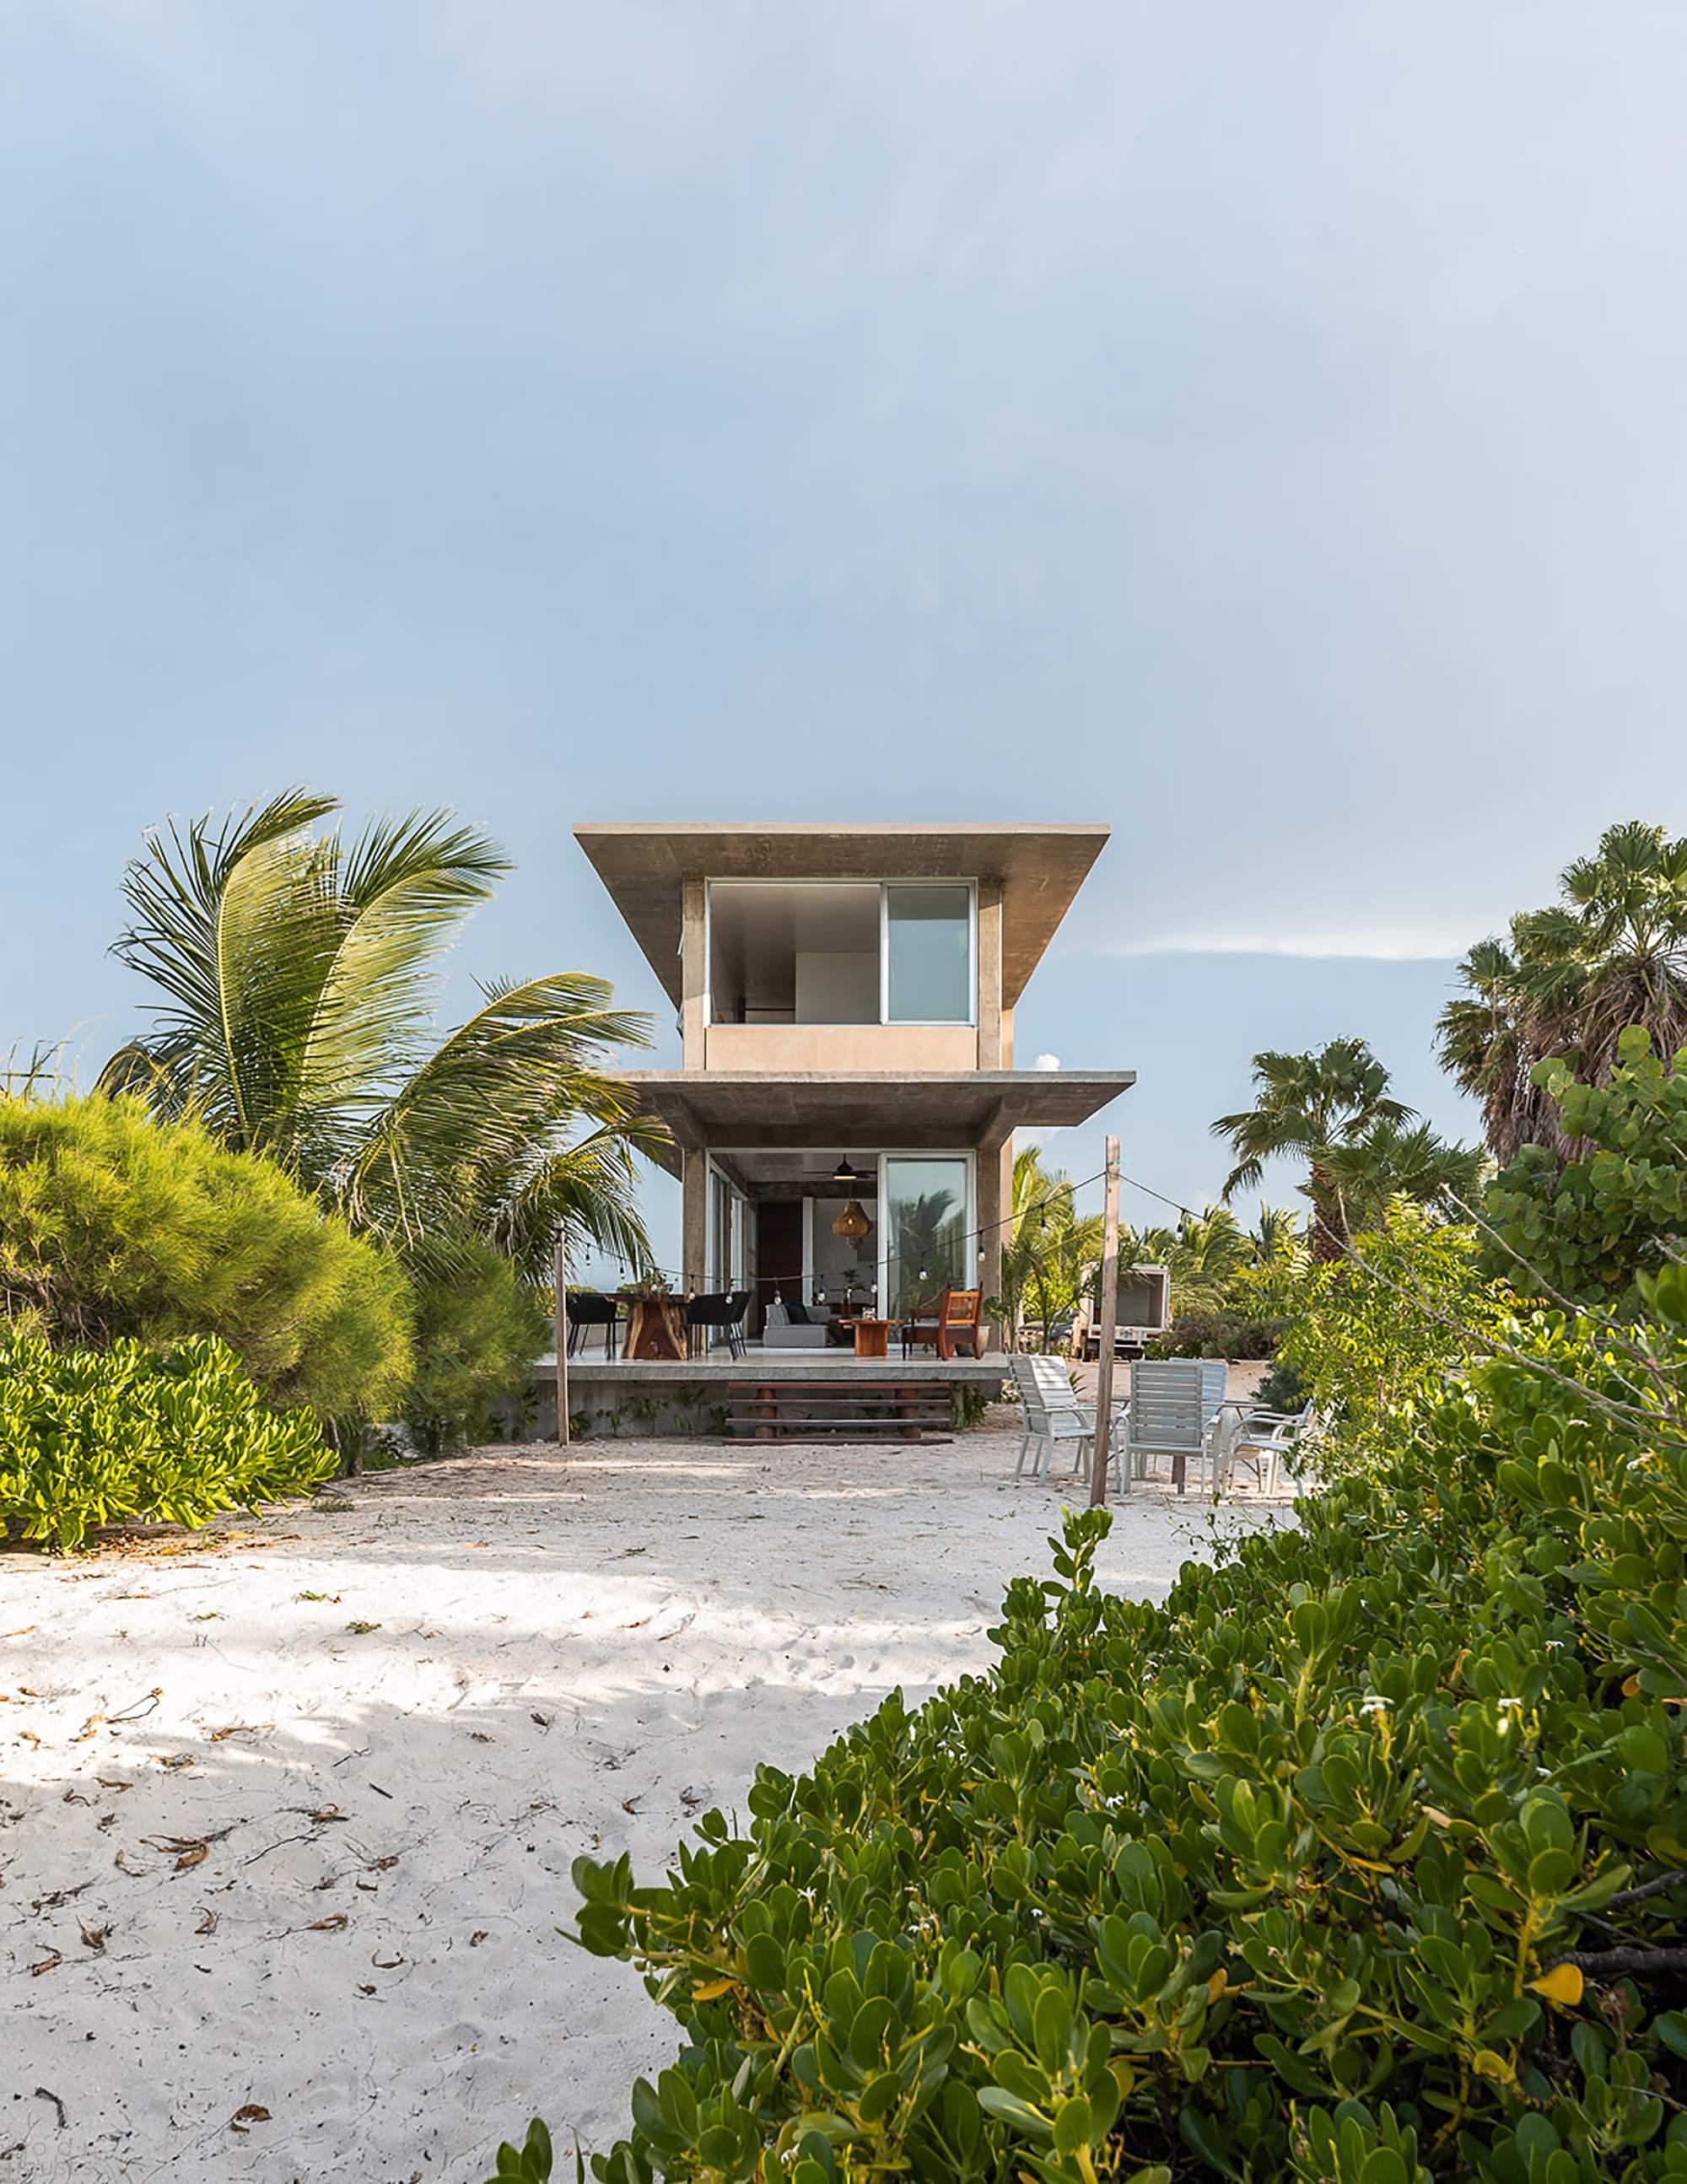 Приморский бетонный дом на полуострове Юкатан, Мексика